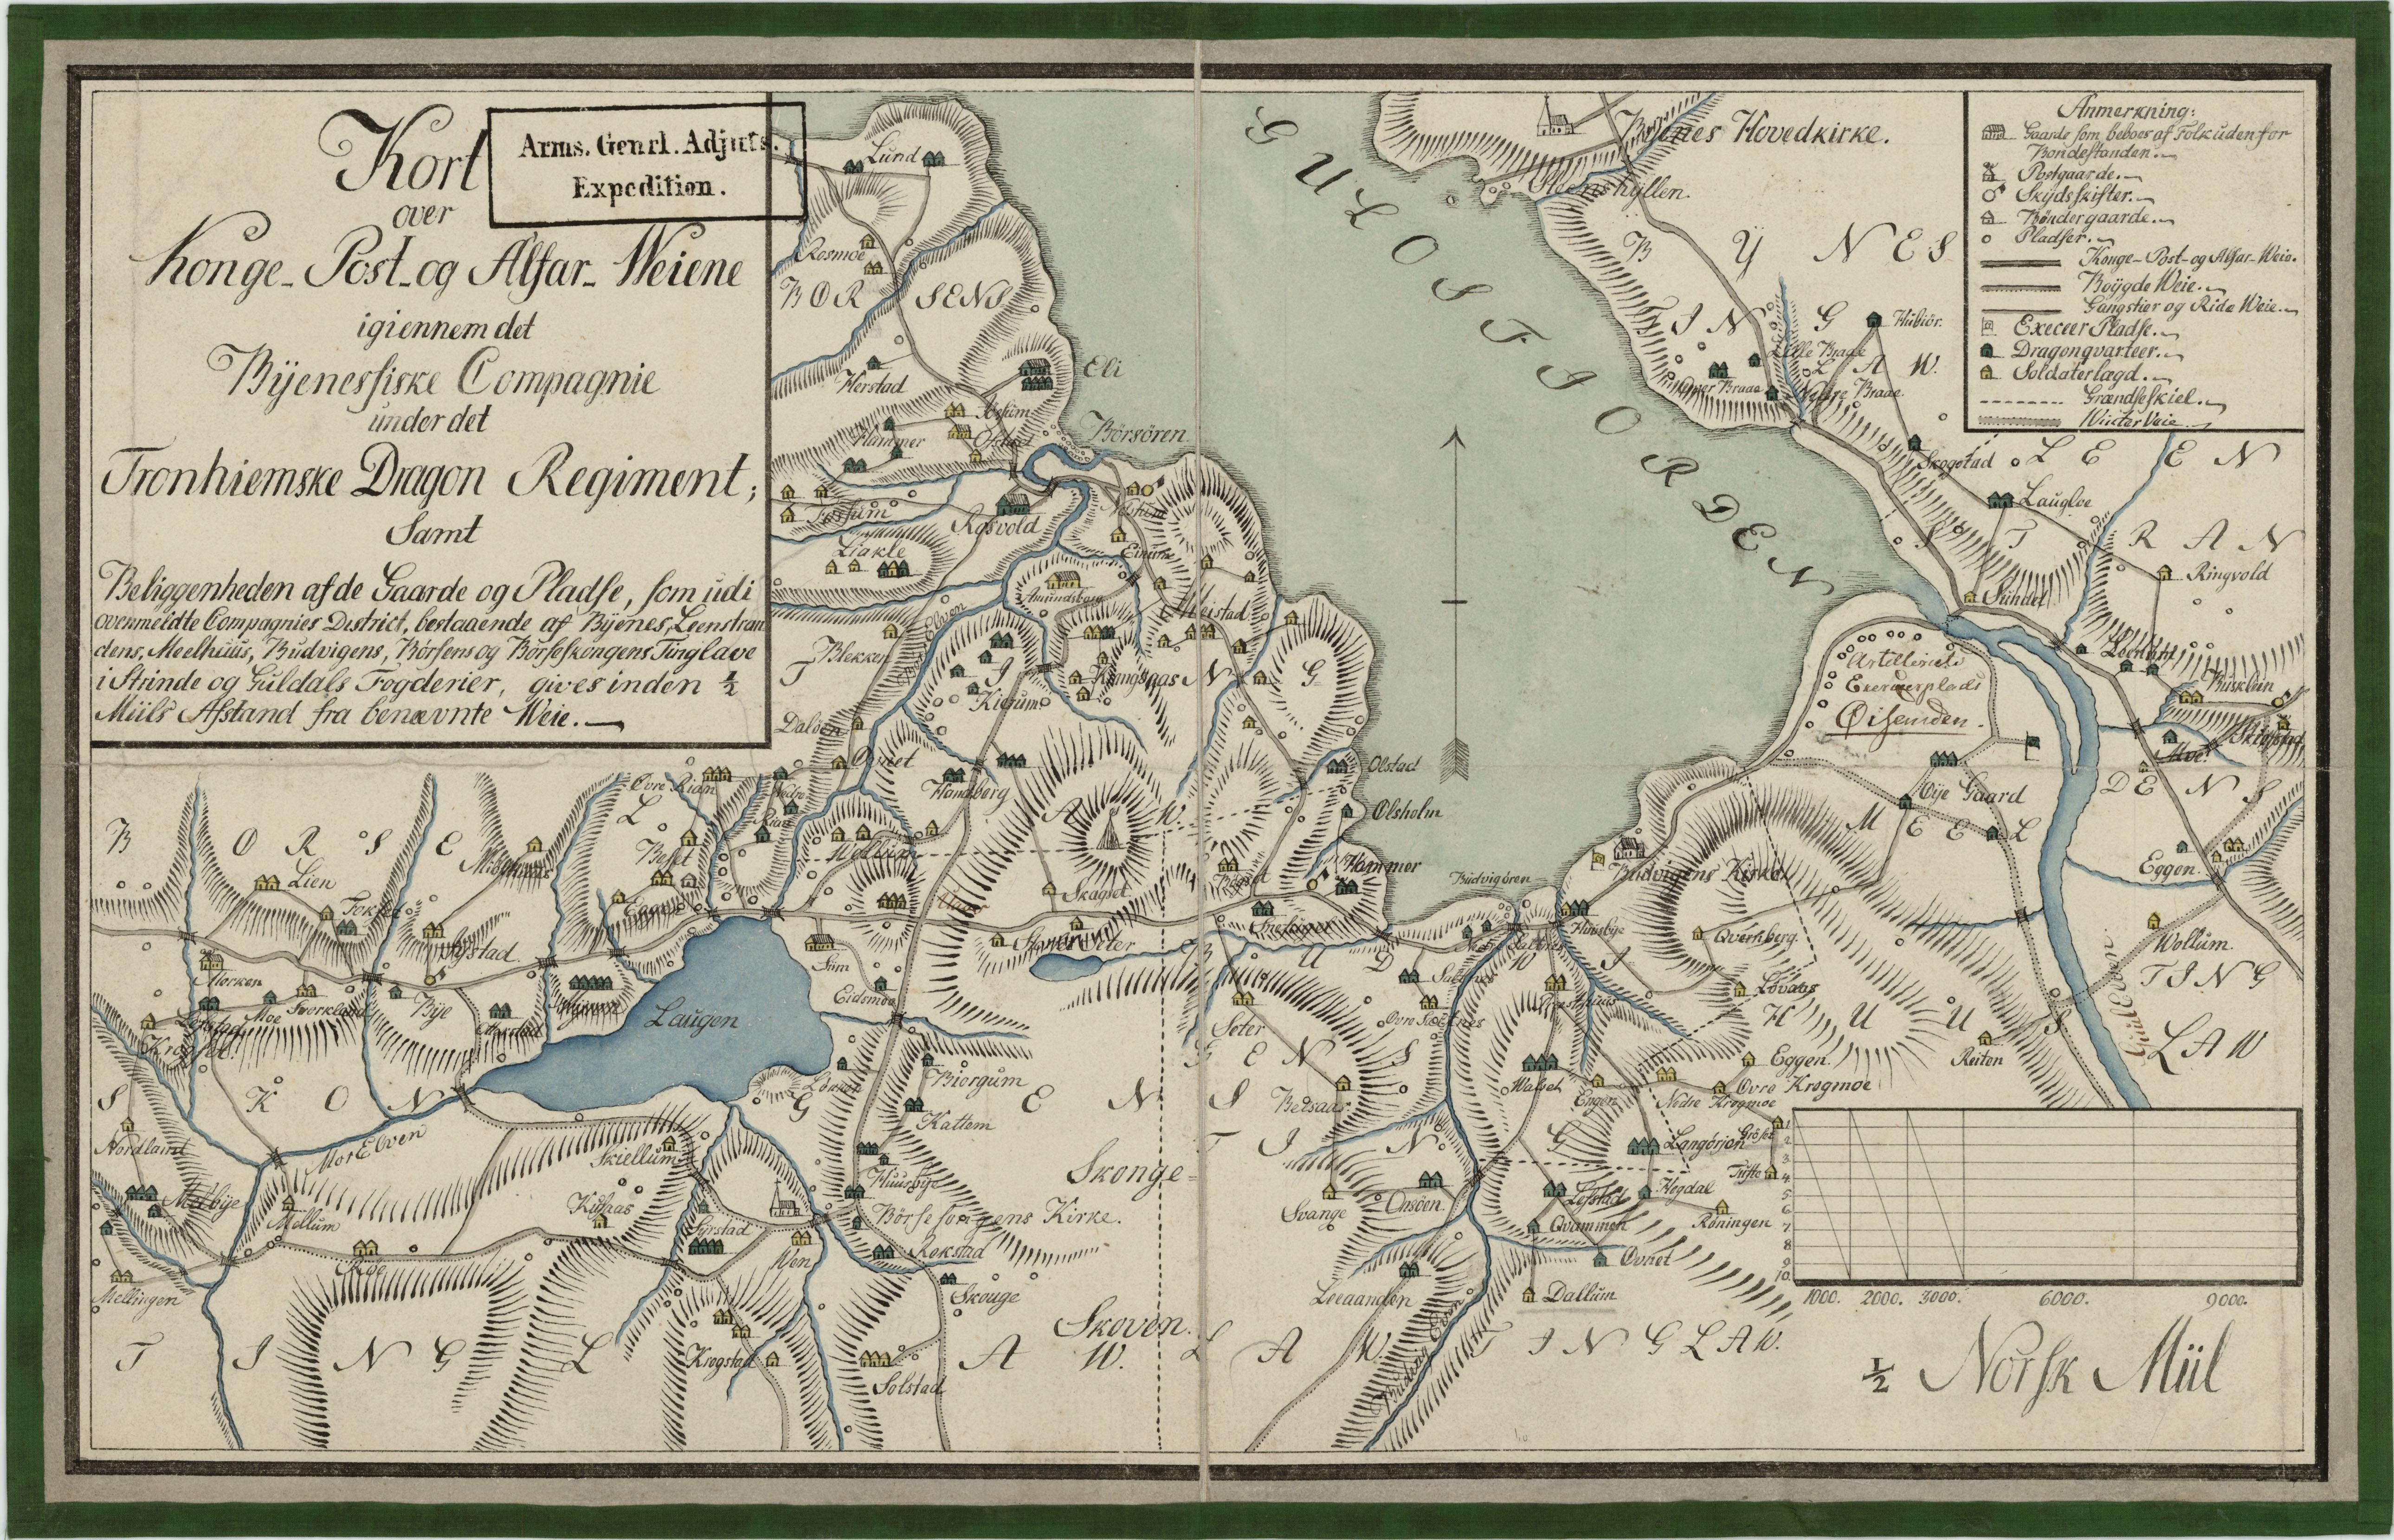 kart over byneset File:Kartblad 178  Kart over Konge  Post  og Alfar Weiene igiennom  kart over byneset